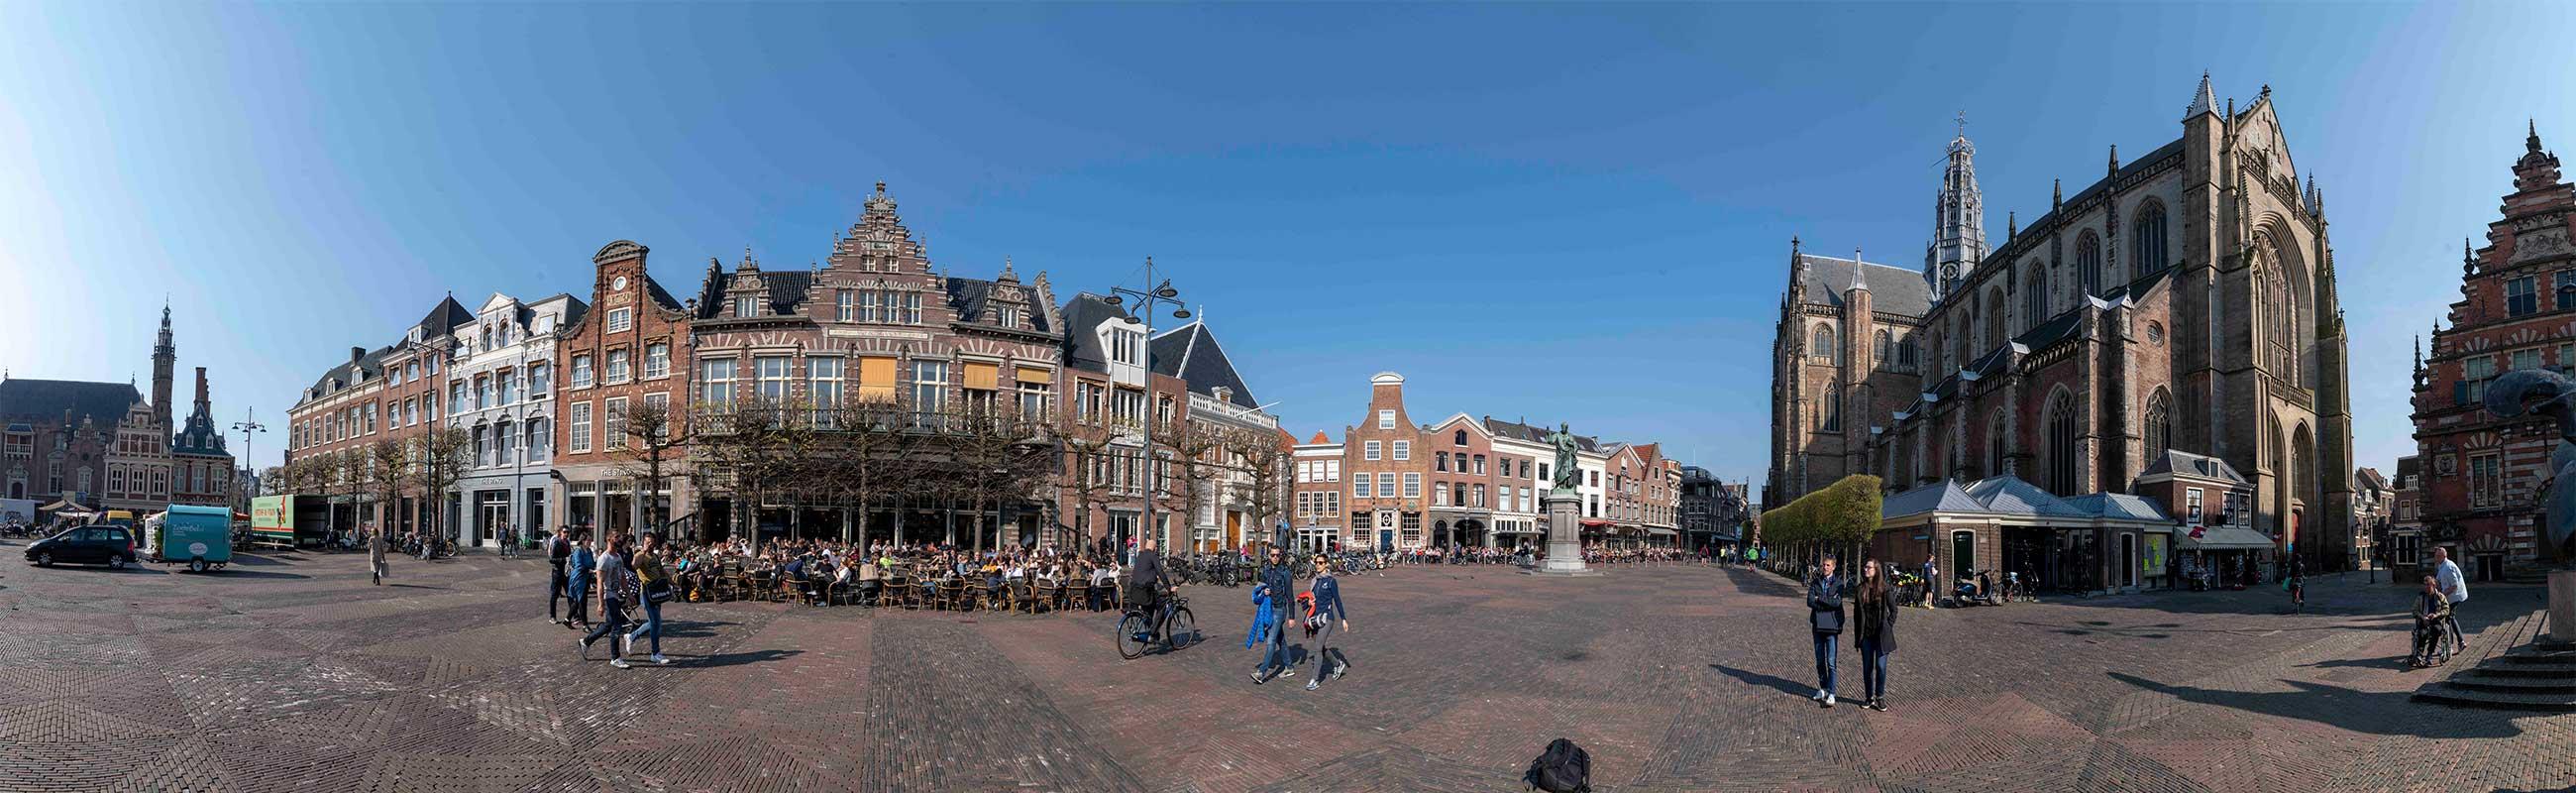 De Grote Markt in het centrum van Haarlem. Incl de St Bavo kerk.